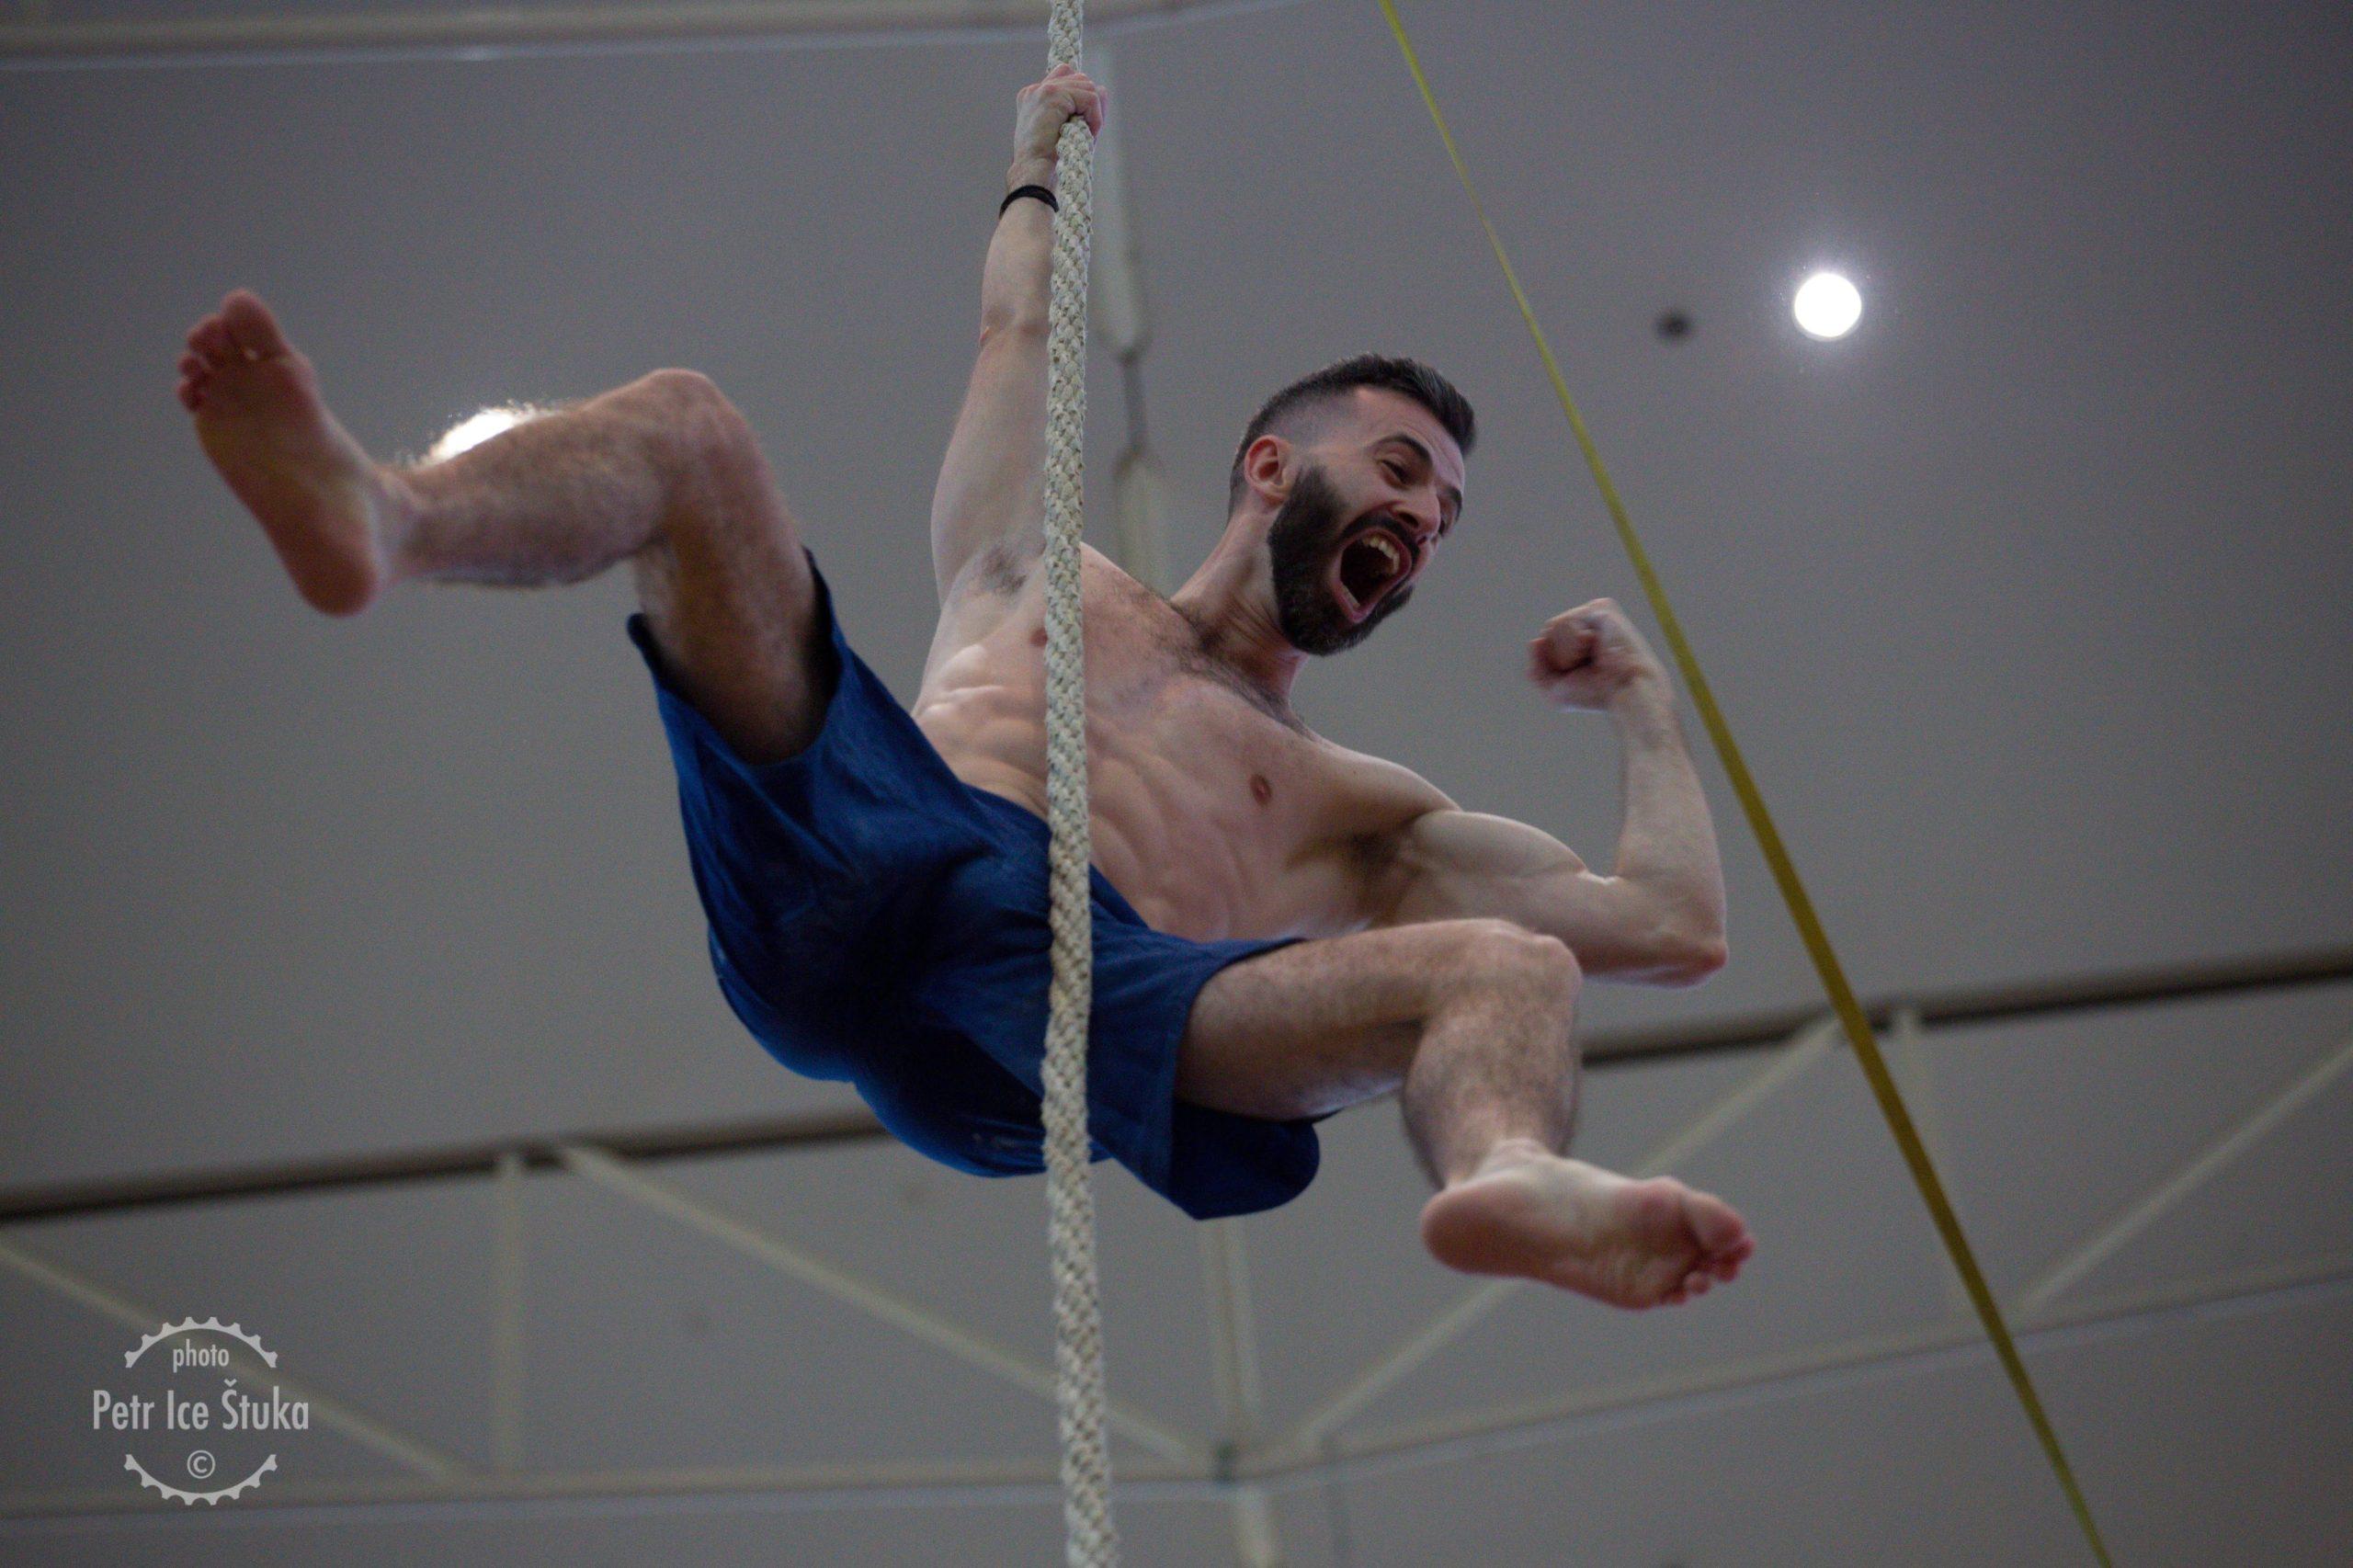 Česká pojišťovna Mistrovství české republiky 2019